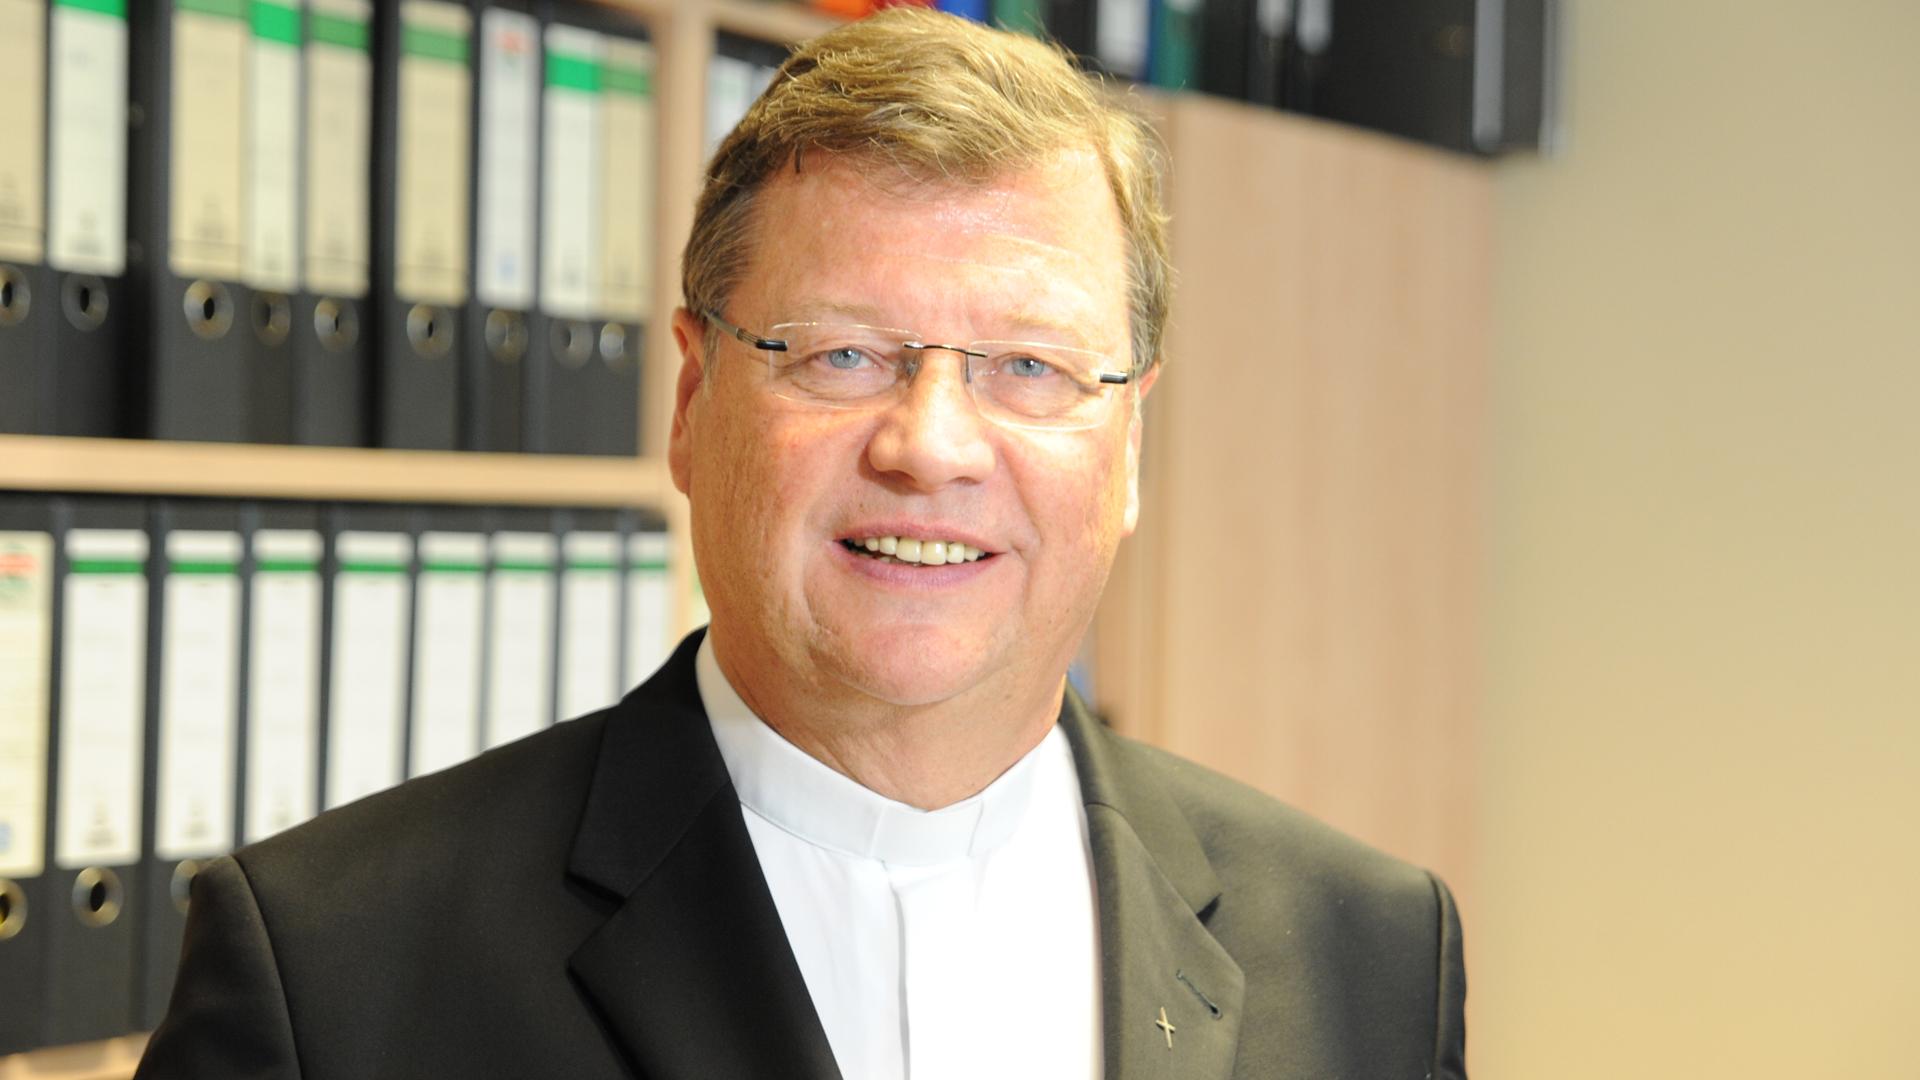 Hans-Jürgen Abromeit hat in seinem Seminar bei der Allianzkonferenz die deutsche Staatsräson zu Israel kritisiert